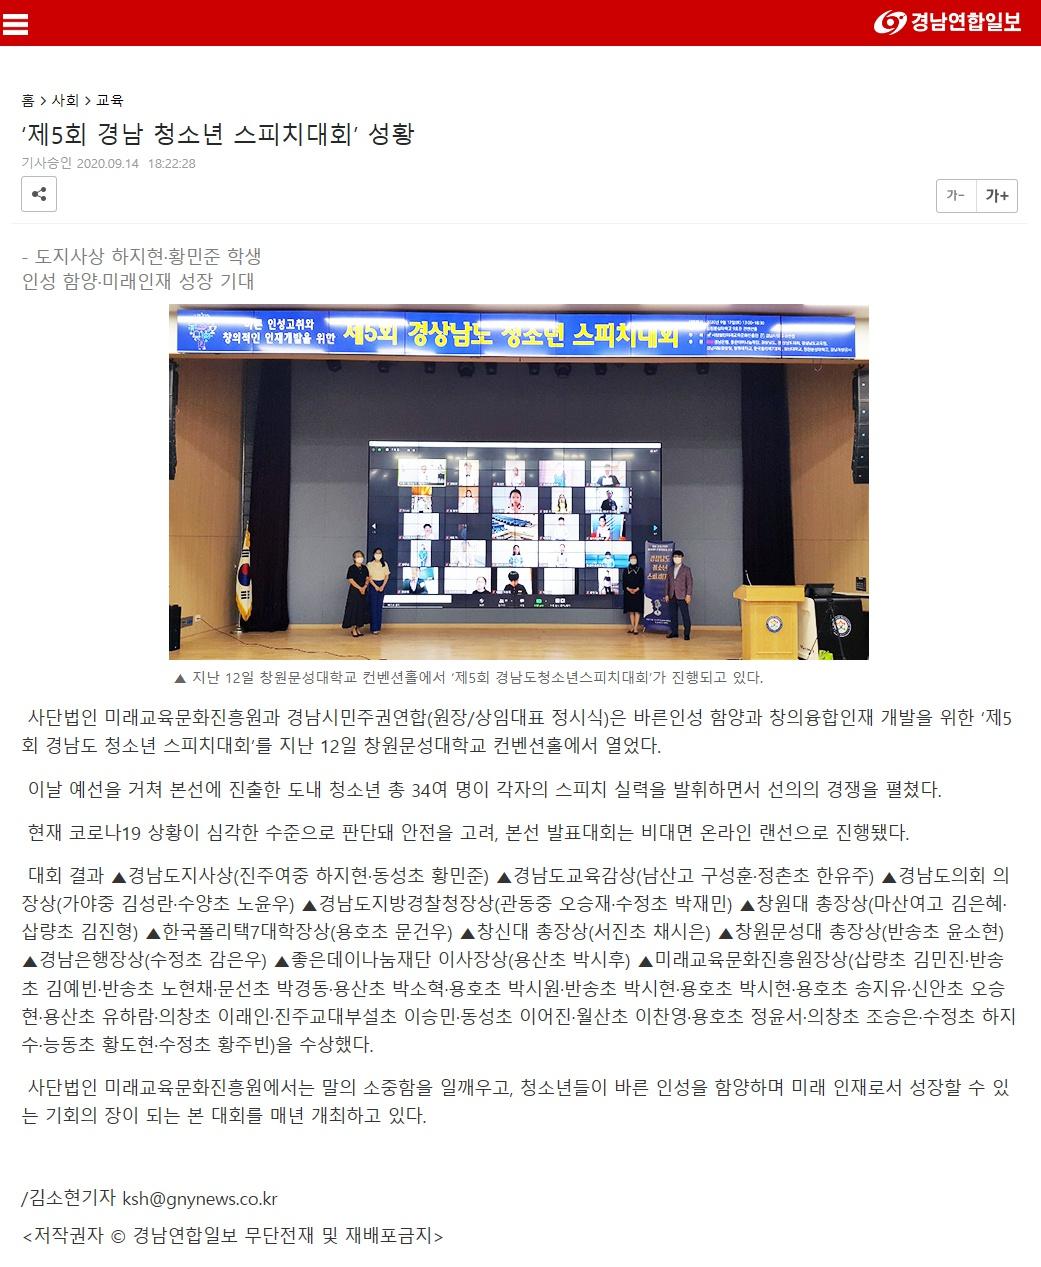 경남연합일보.jpg